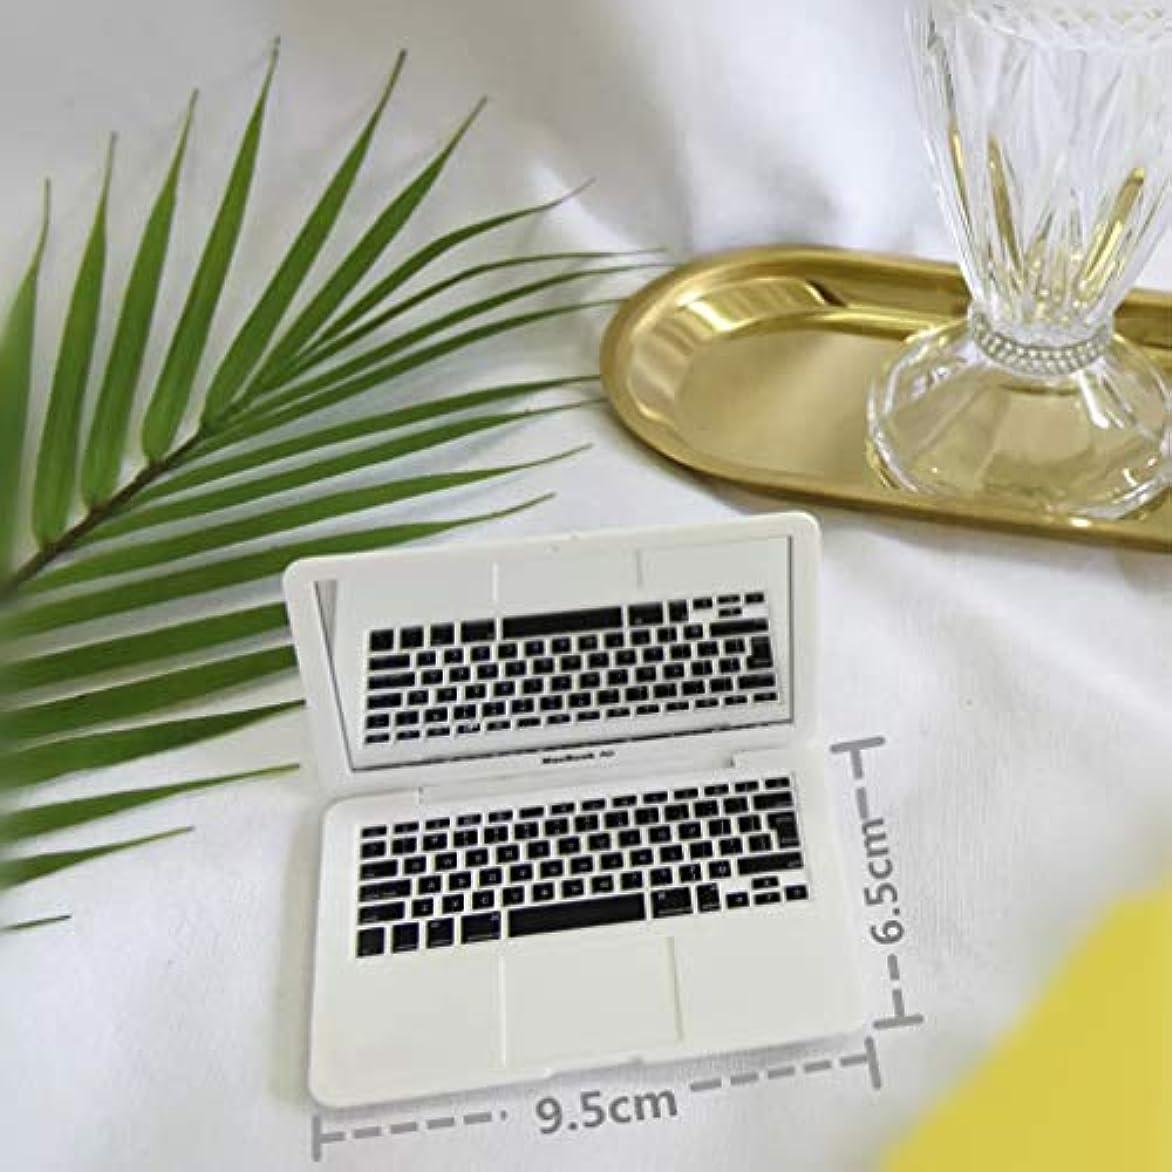 にはまって名声バタフライジャション ミニポータブル アップル マックブック エアー メイクアップ 化粧鏡 手鏡 創造的なポケット ハンドバッグ 折りたたみコンパクト ミラー 女性用 (White)